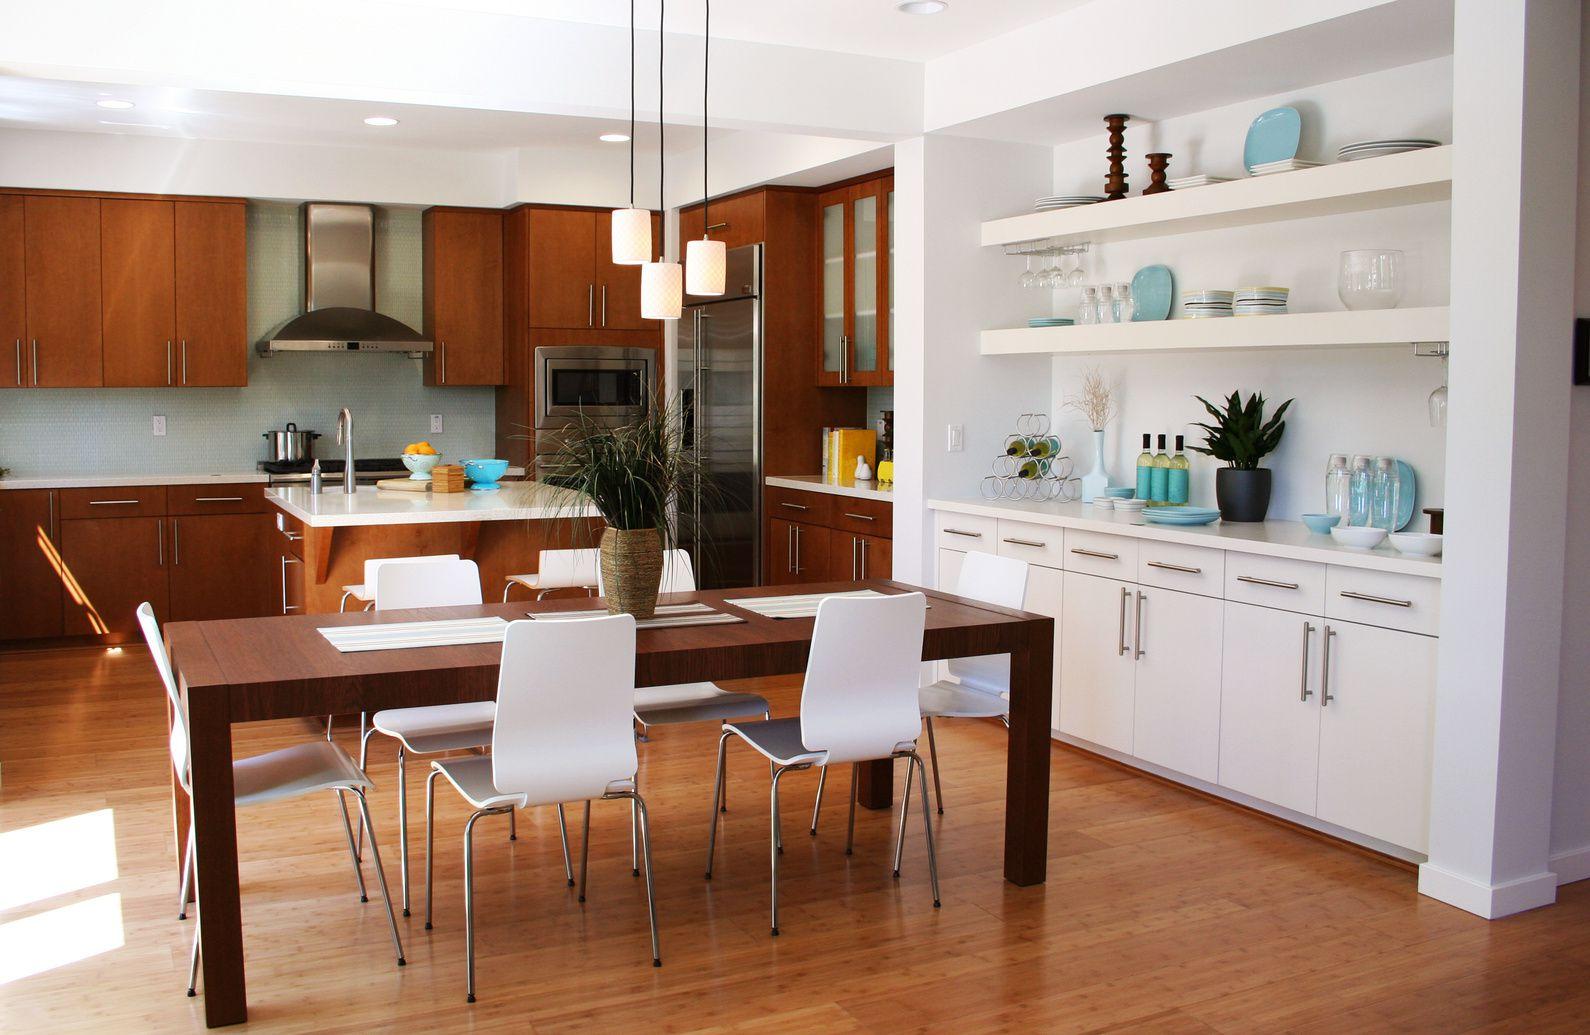 Beau Minimalist Kitchen Idea